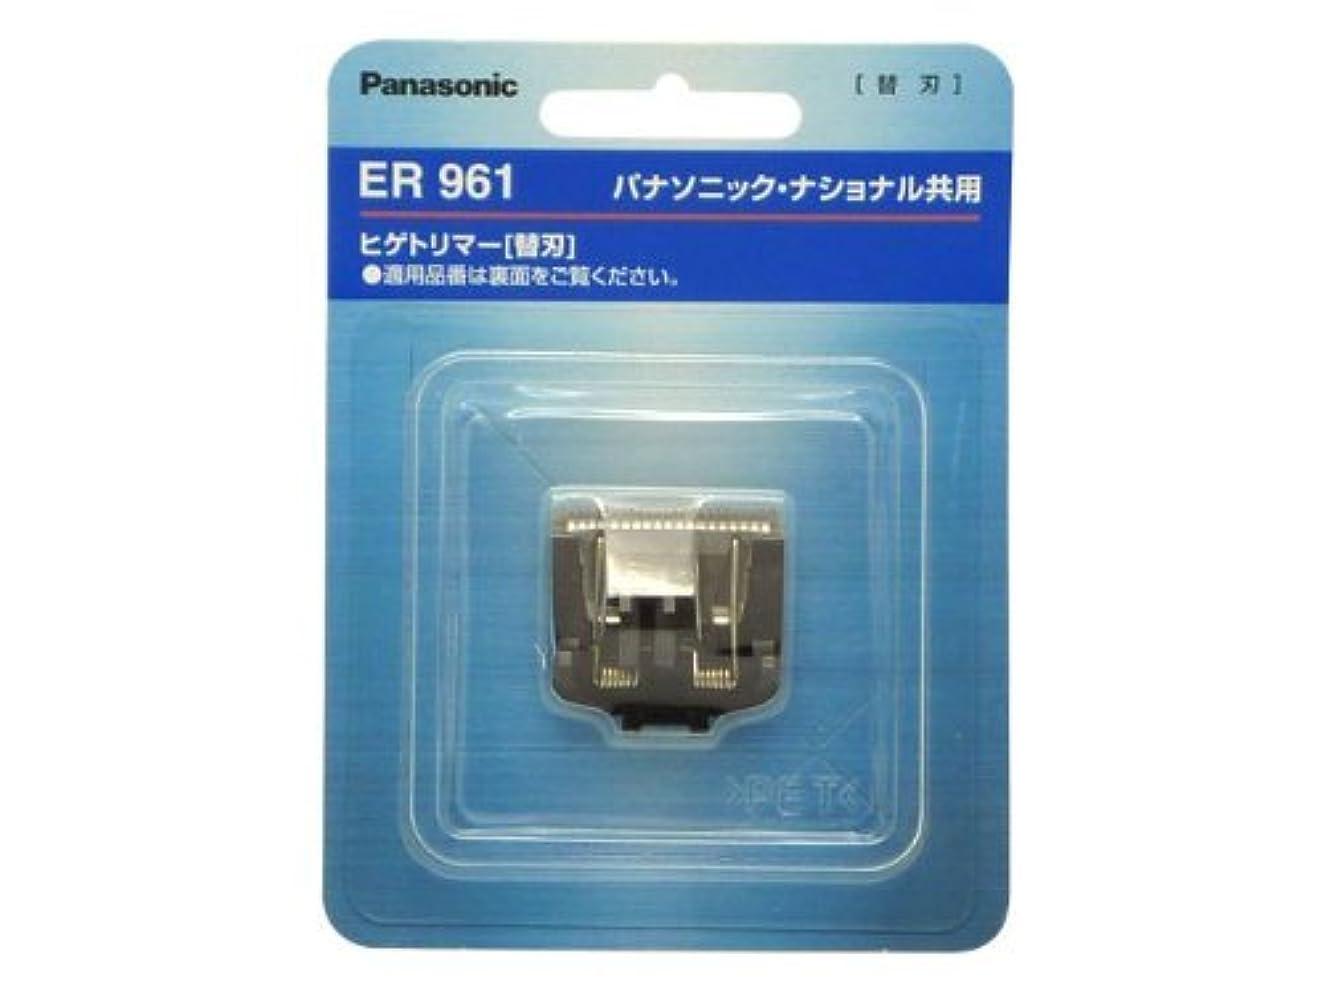 どうしたのポール連合パナソニック 替刃 ヒゲトリマー用 ER961